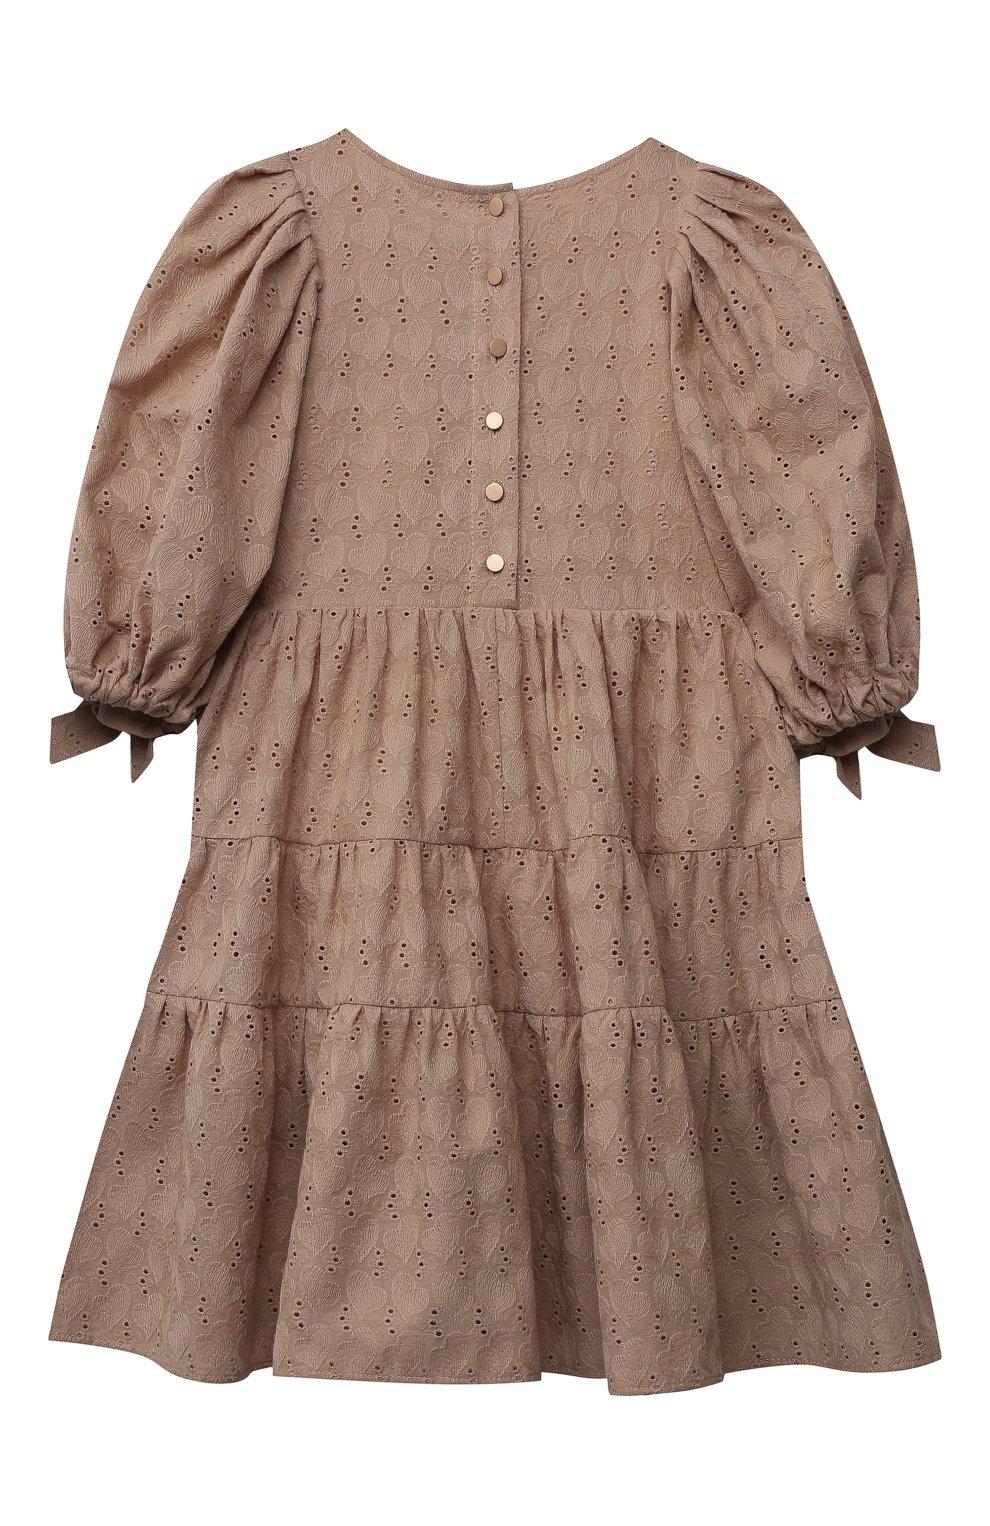 Детское хлопковое платье ZHANNA & ANNA коричневого цвета, арт. ZAB02032021 | Фото 2 (Рукава: Длинные; Случай: Повседневный; Материал внешний: Хлопок; Девочки Кросс-КТ: Платье-одежда; Ростовка одежда: 5 лет | 110 см, 7 лет | 122 см, 9 лет | 134 см, 13 - 15 лет | 158 см, 12 лет | 152 см, 3 года | 98 см)